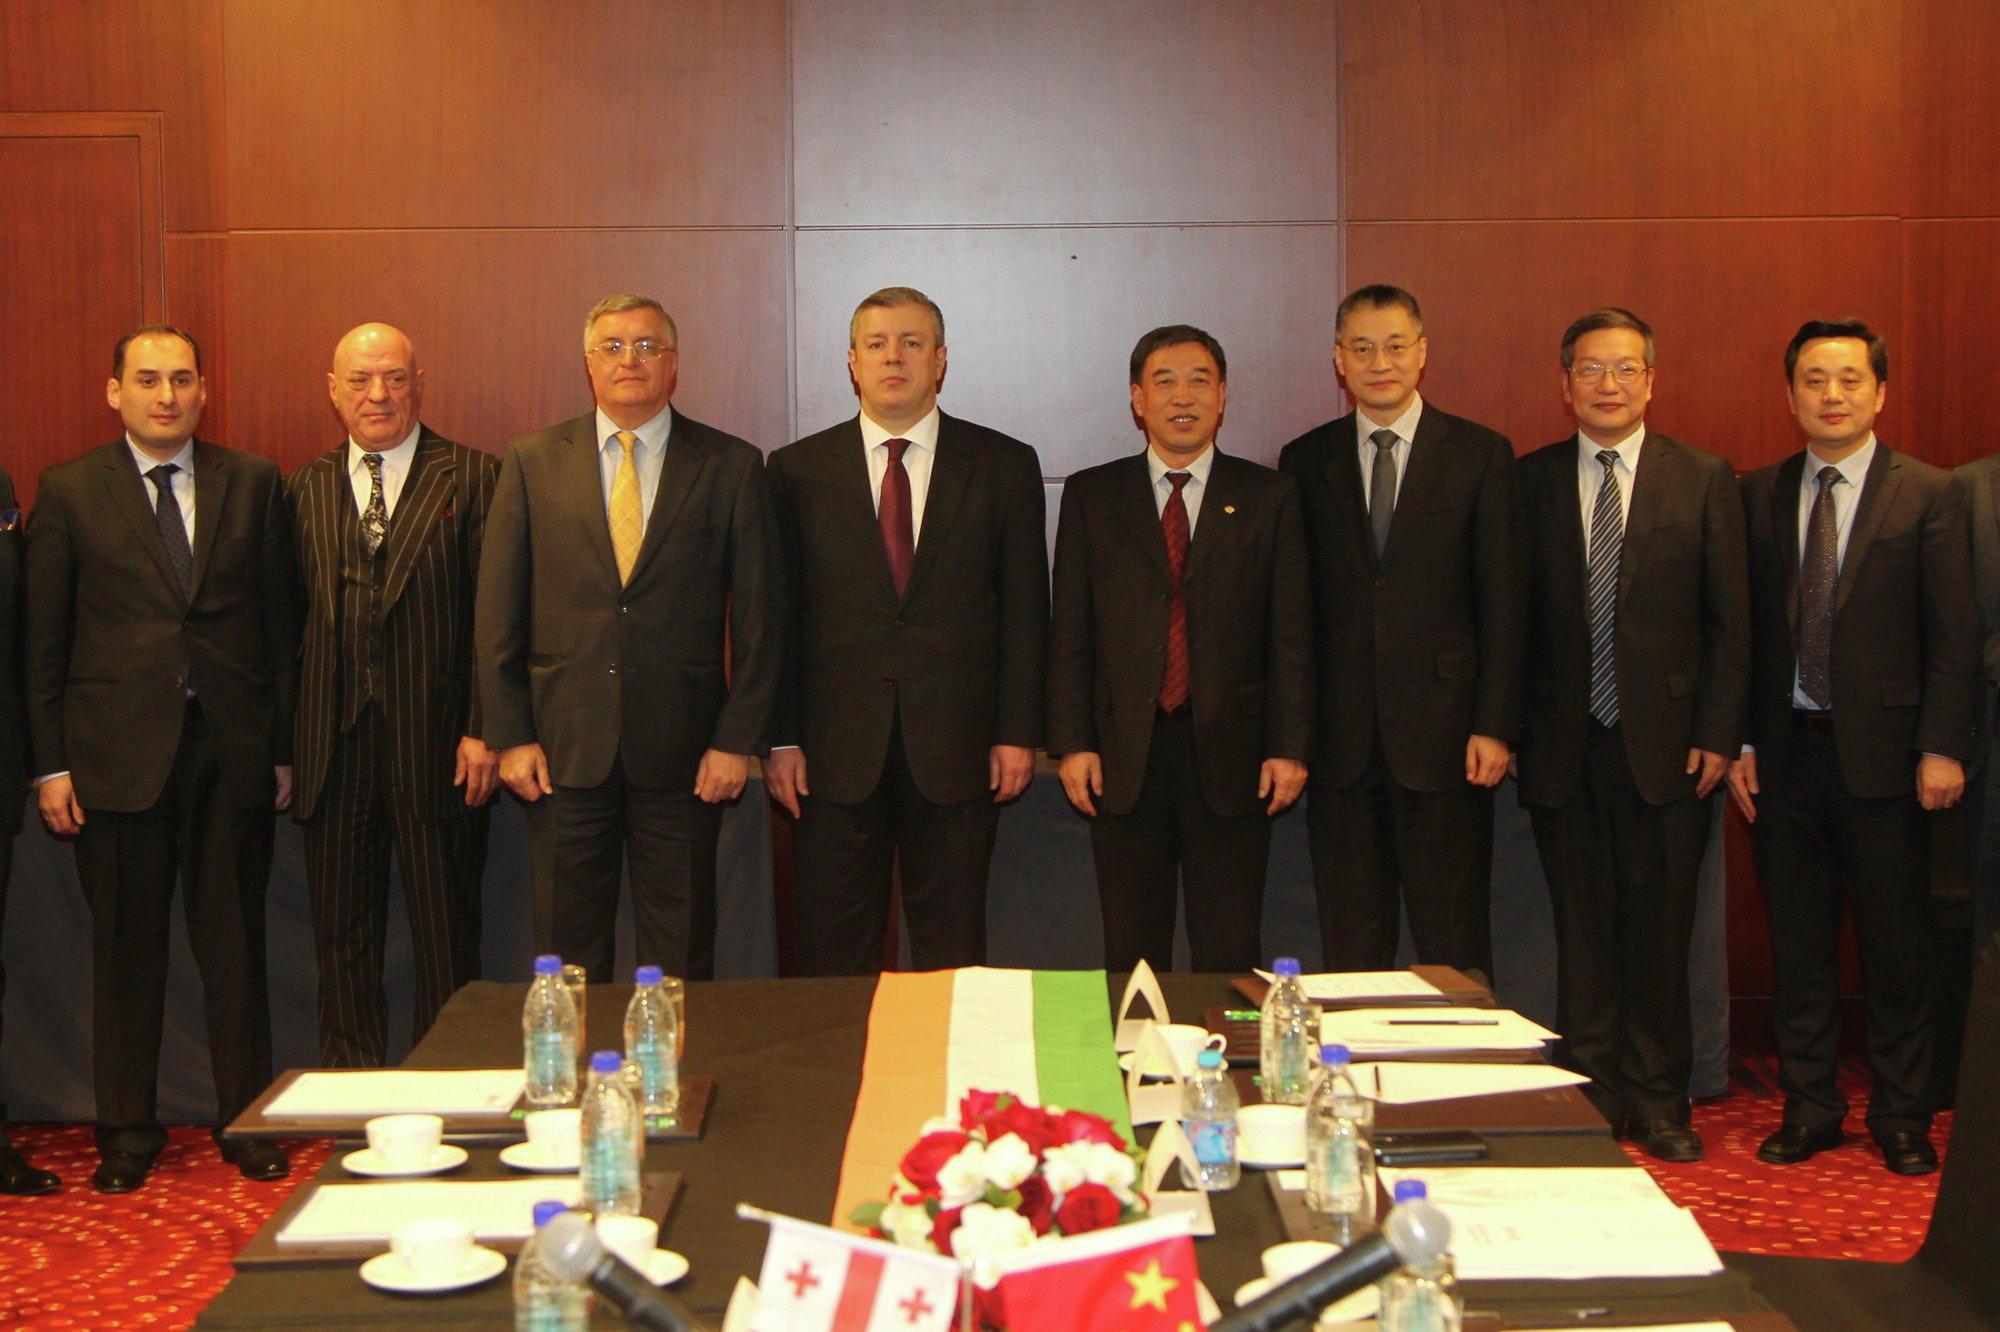 Подписание соглашения между китайской госкомпанией Power China и грузинской Anaklia Industrial Eco Park and Port Ltd